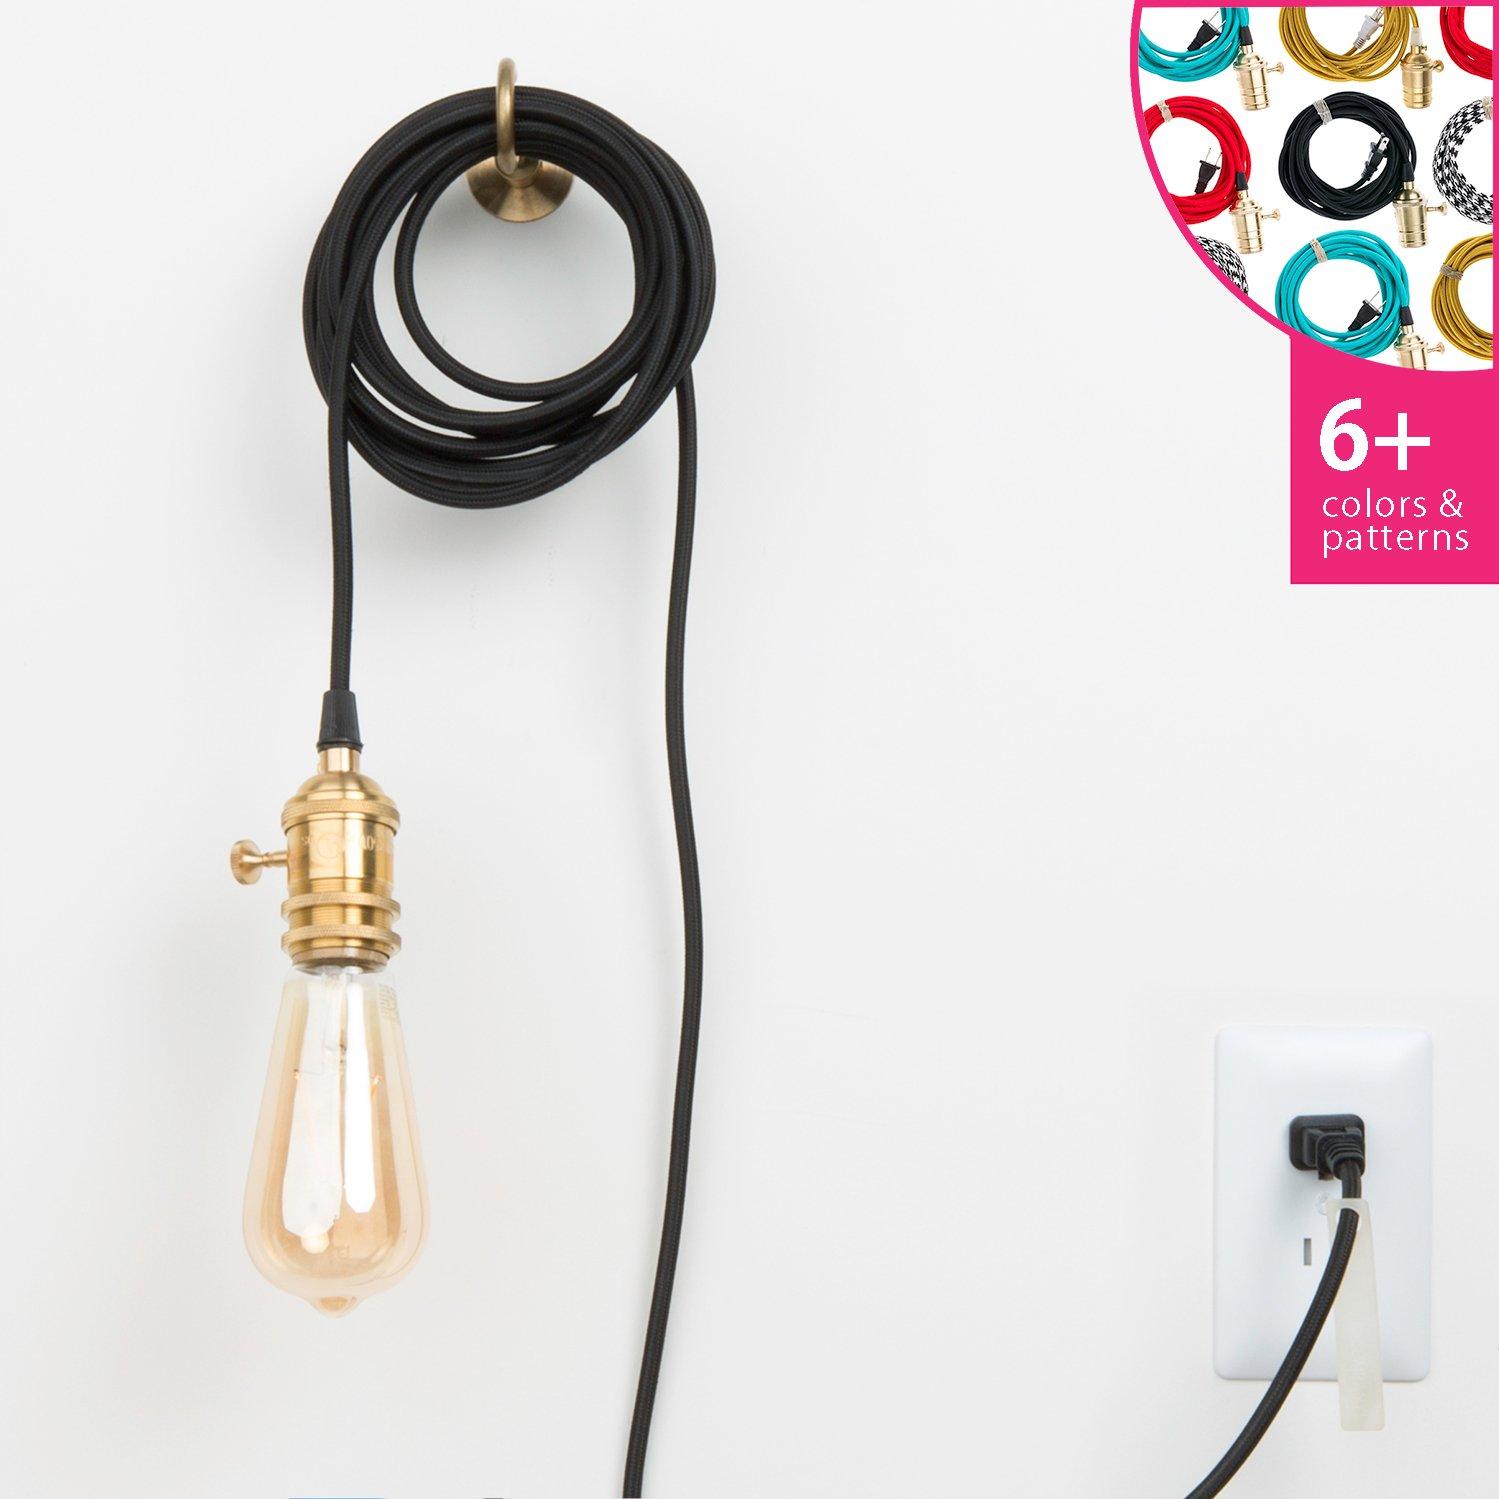 Brass Plug In Pendant Light Plug In Pendant Light Pendant Light